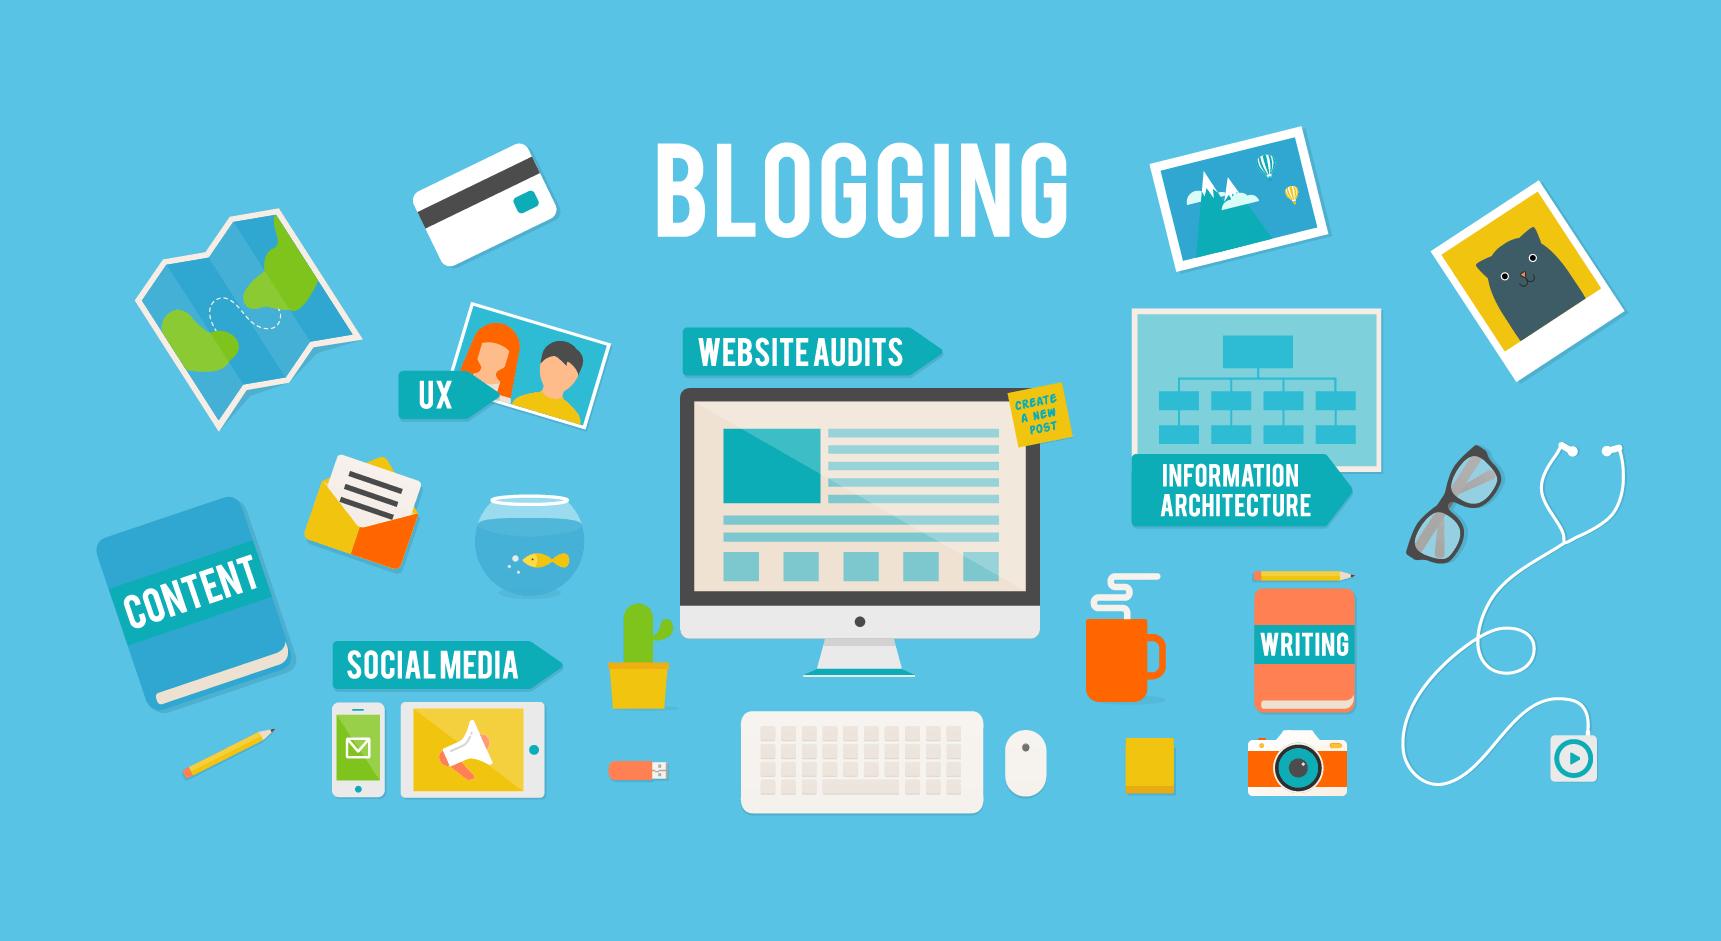 Cum să devii un blogger celebru? (2021) – [Ghid complet]